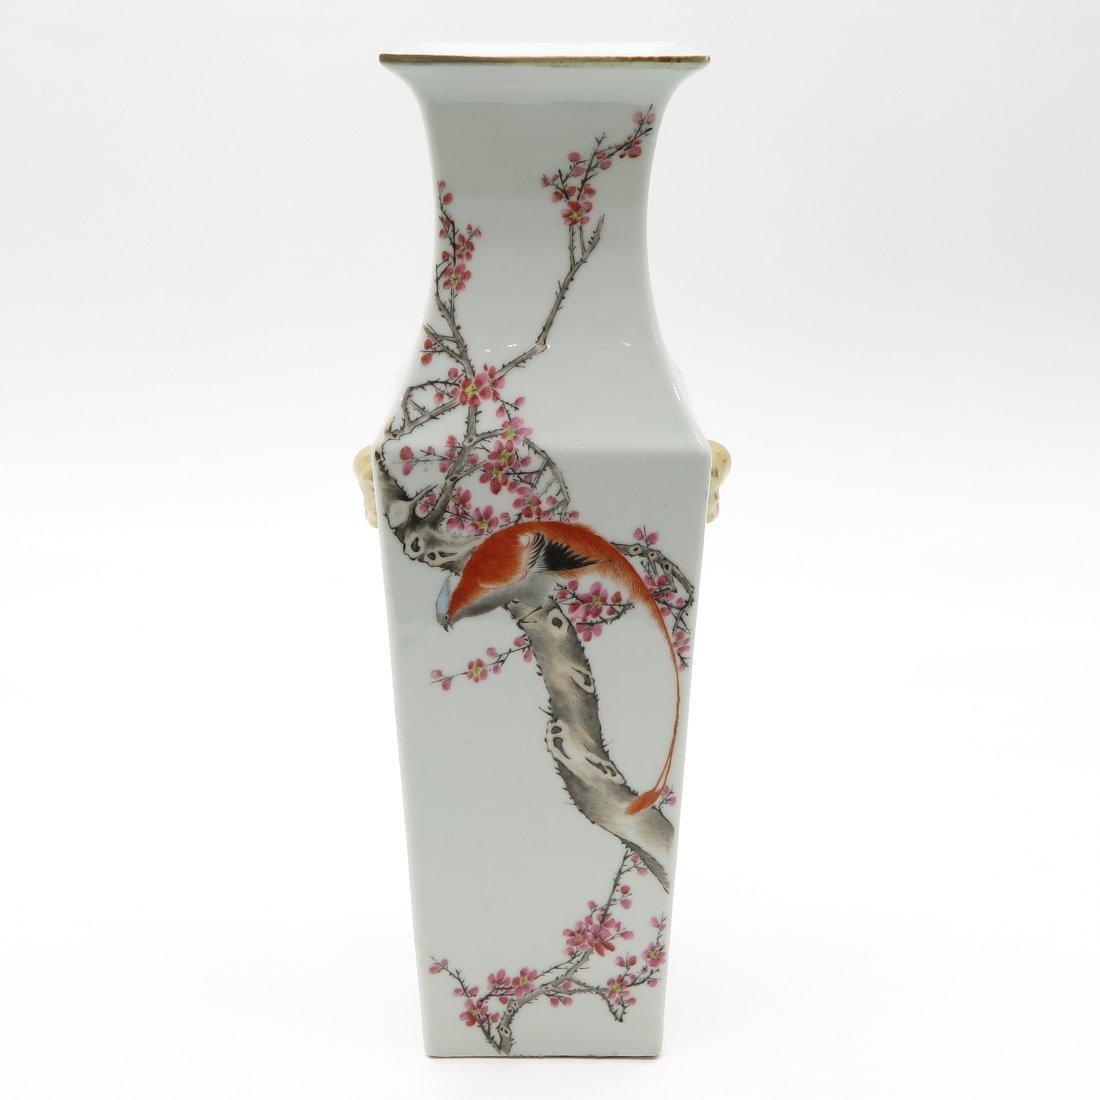 19th Century China Porcelain Vase - 3